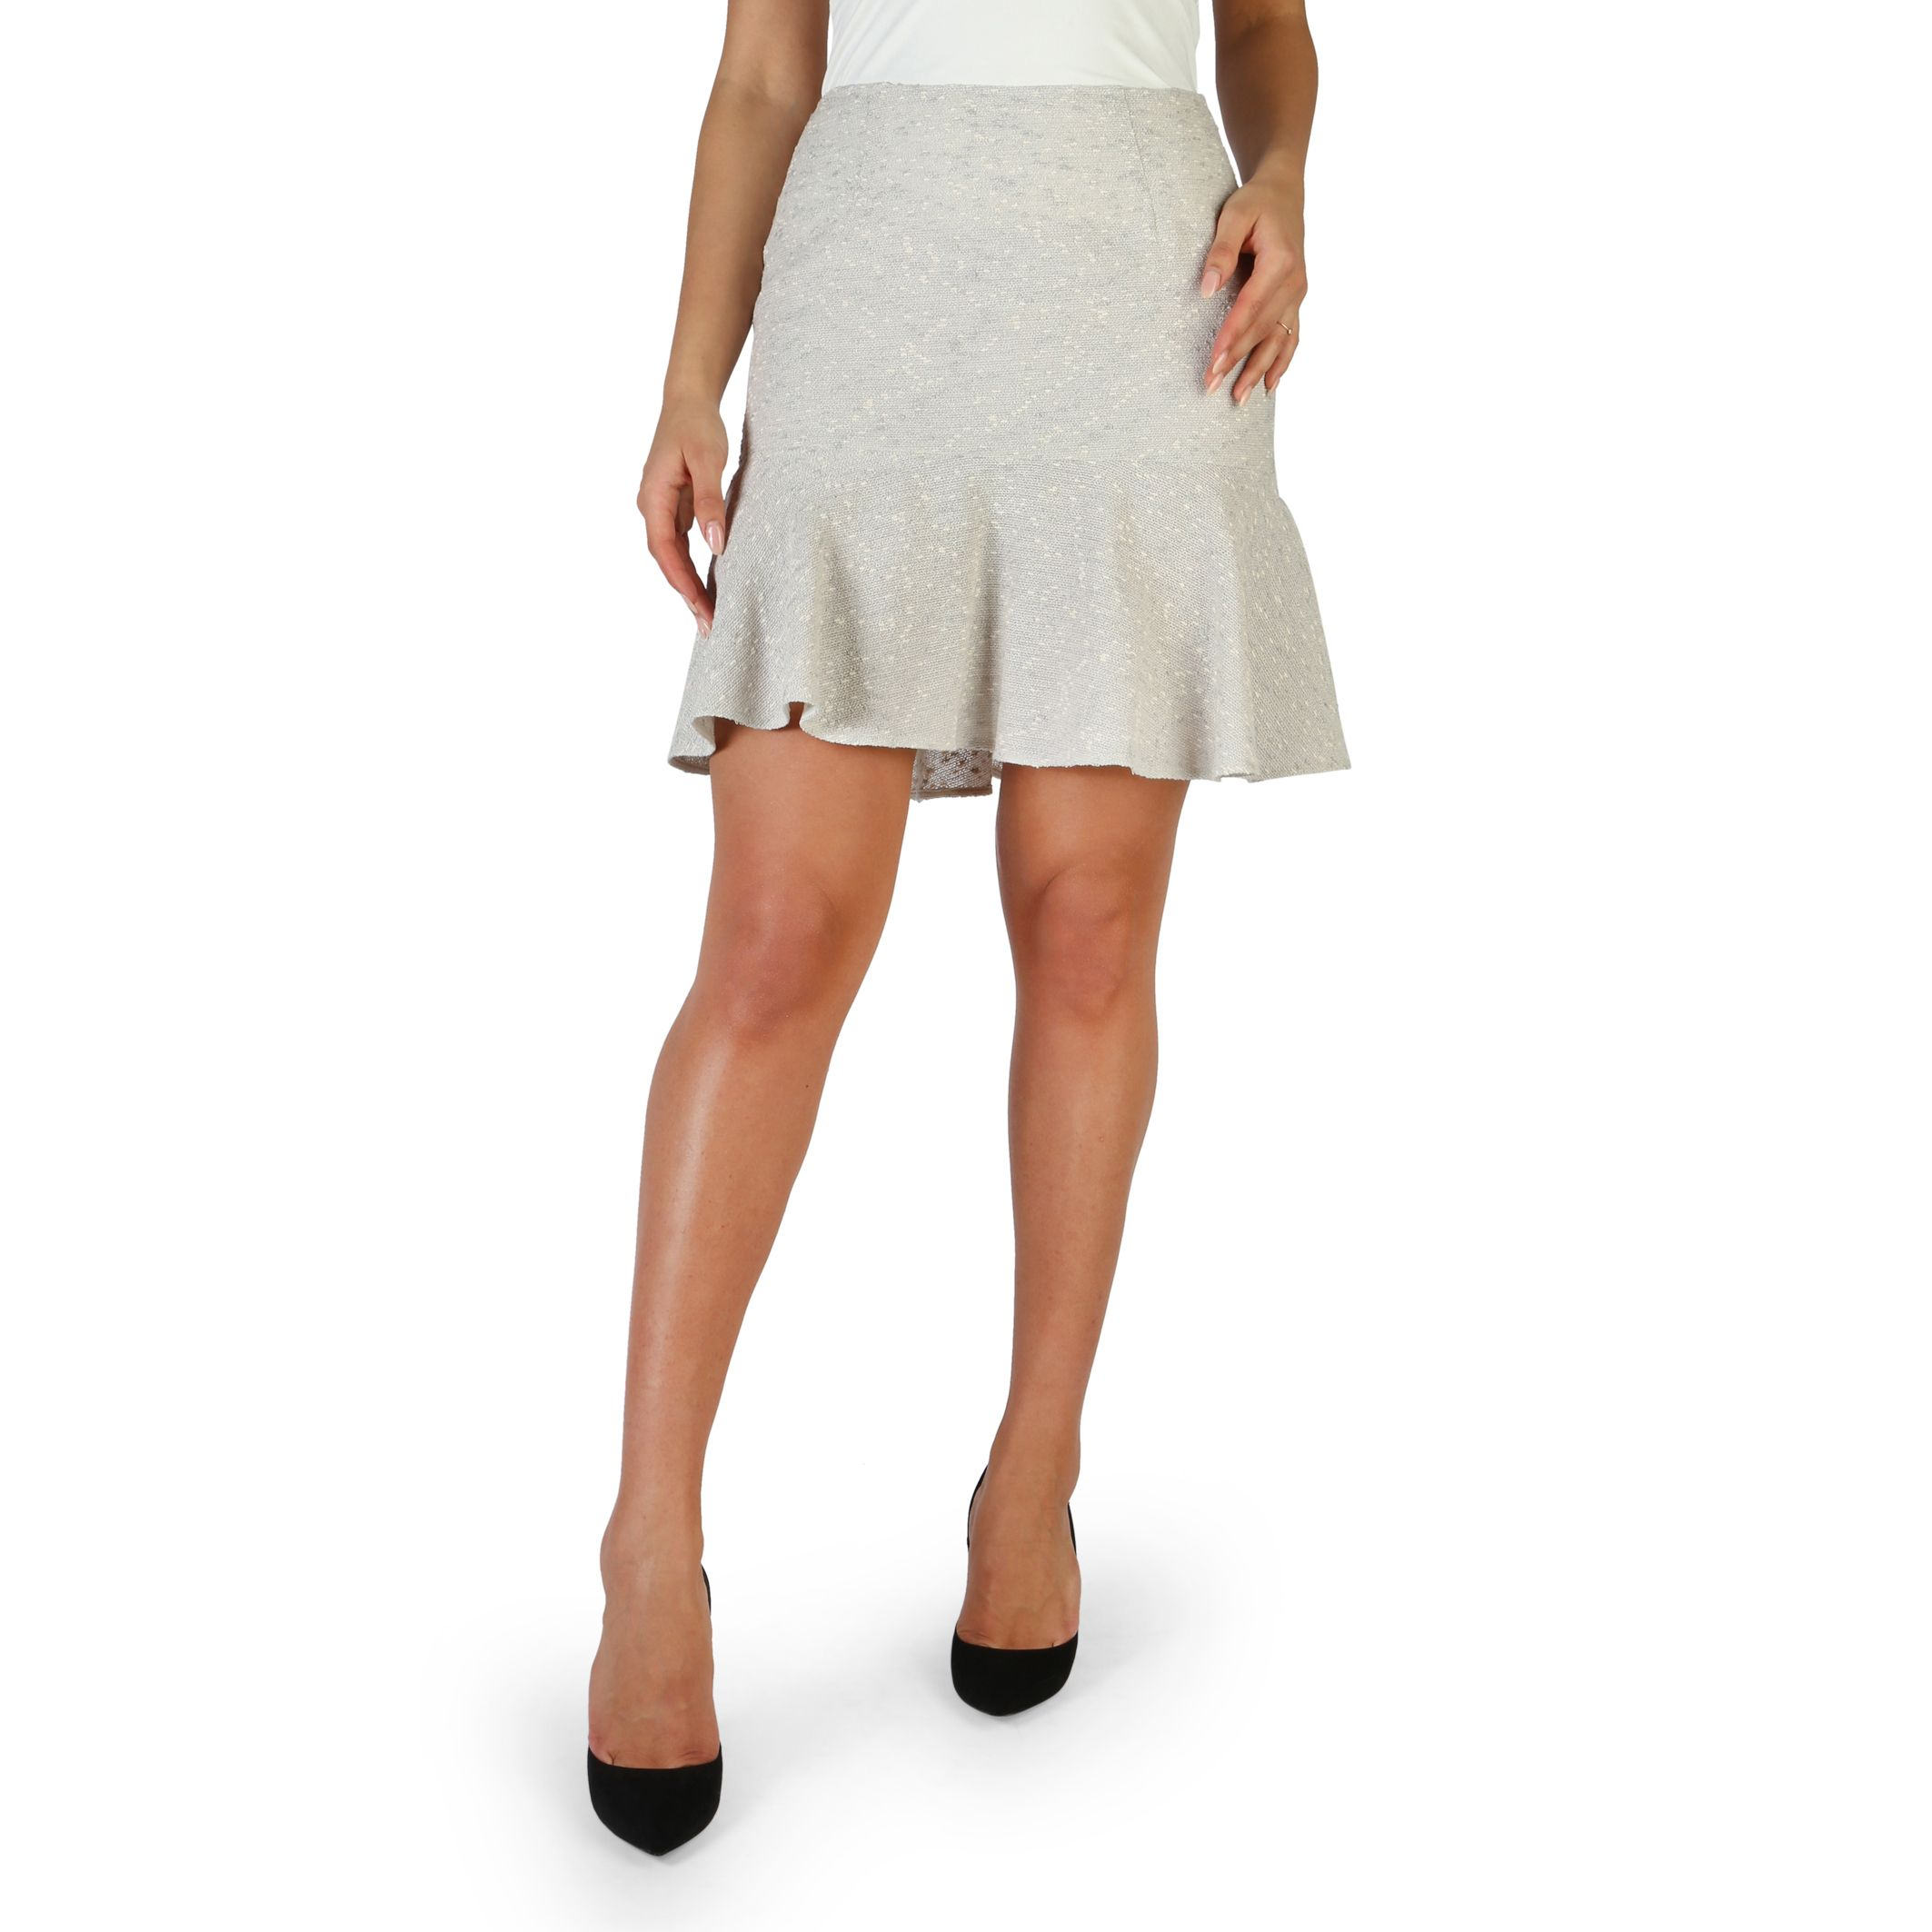 Fontana 2.0 Womens Skirts